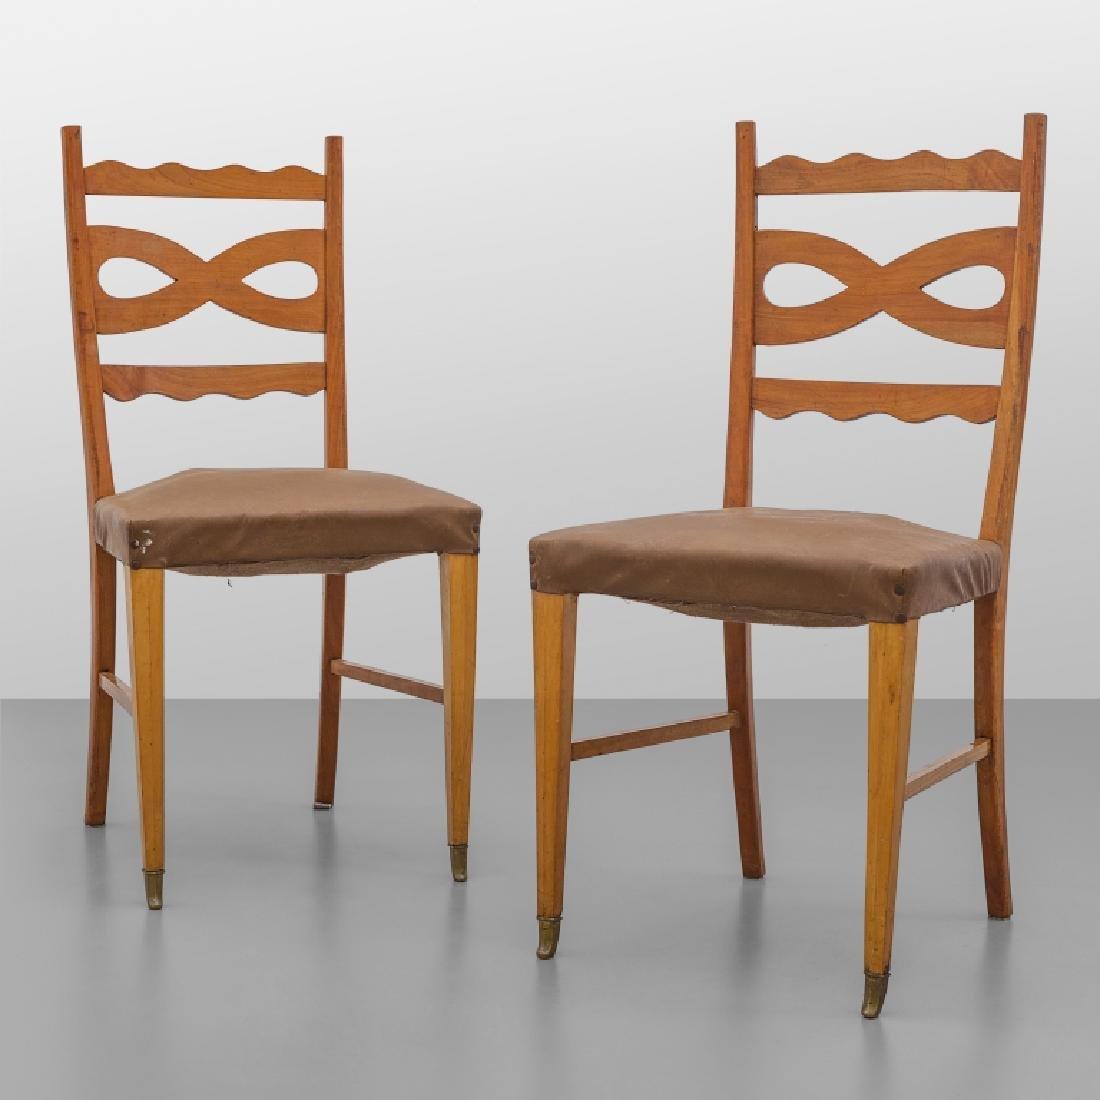 PAOLO BUFFA  Due sedie, anni '40.  Legno di